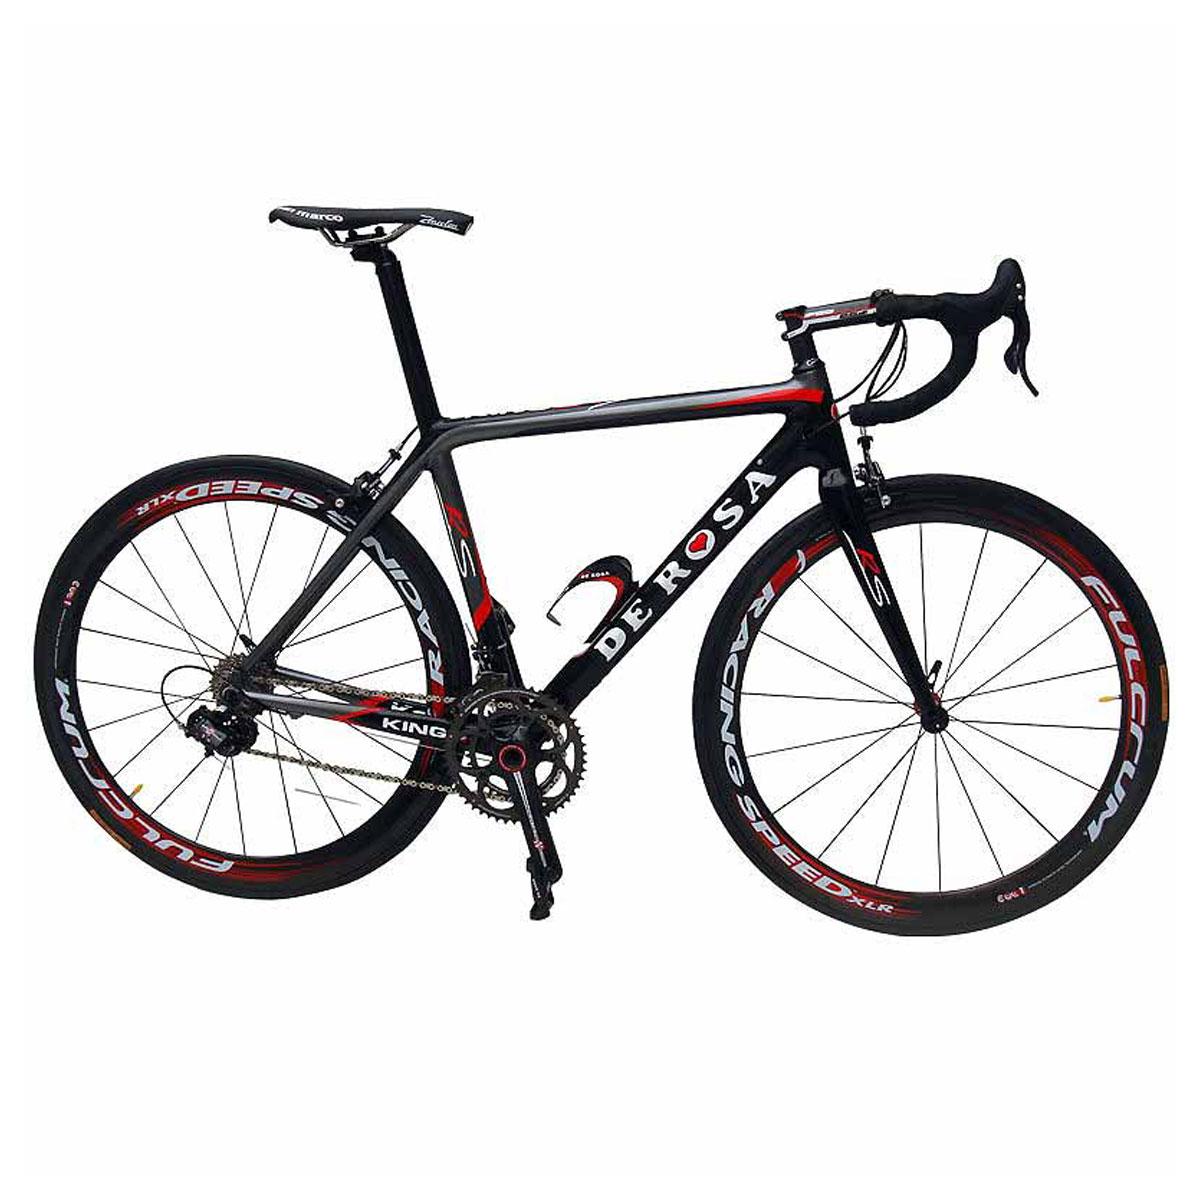 Preços de bicicletas